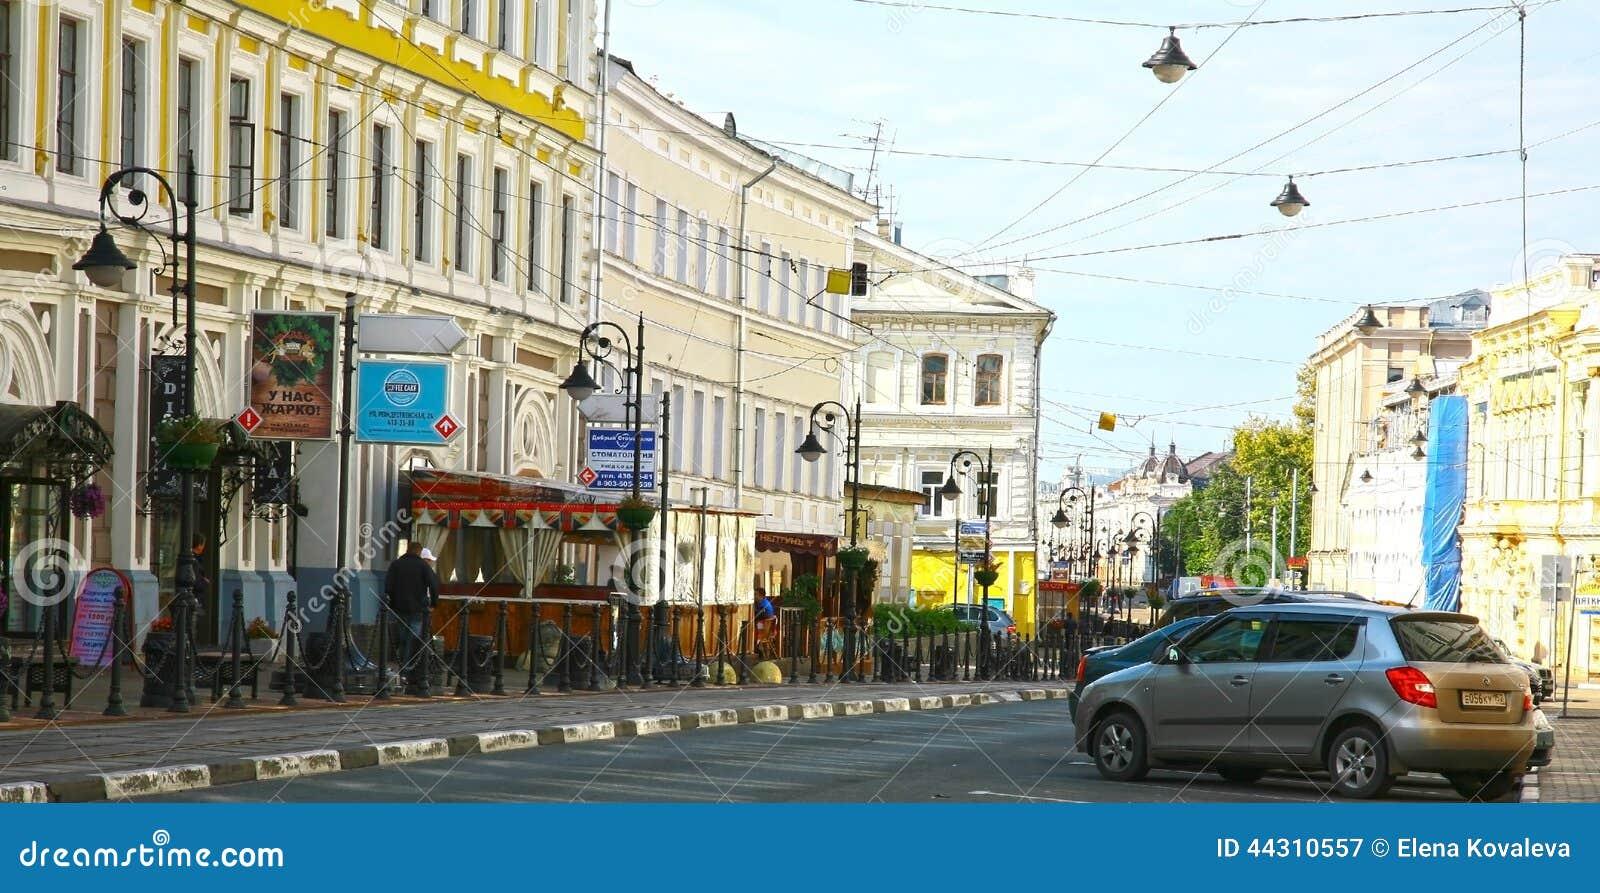 Historic Rozhdestvenskaya street in Nozhny Novgorod